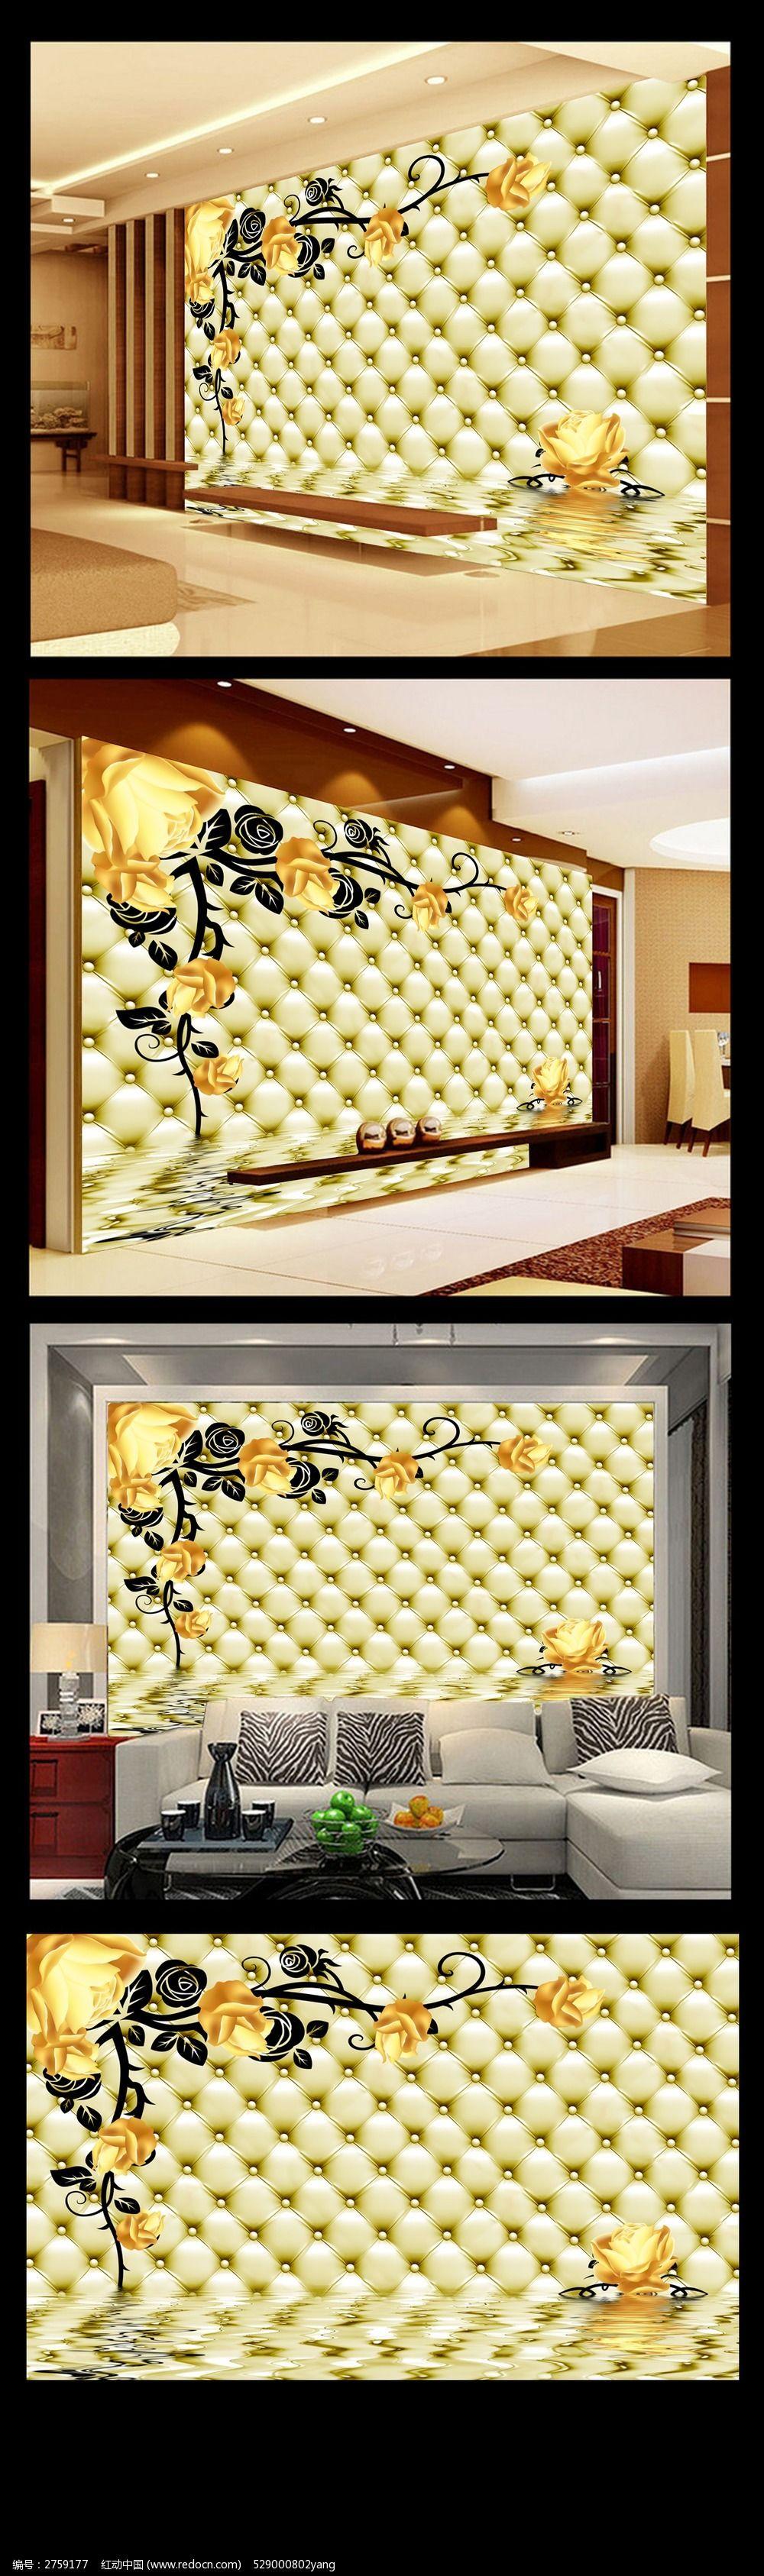 金色欧式壁纸贴图